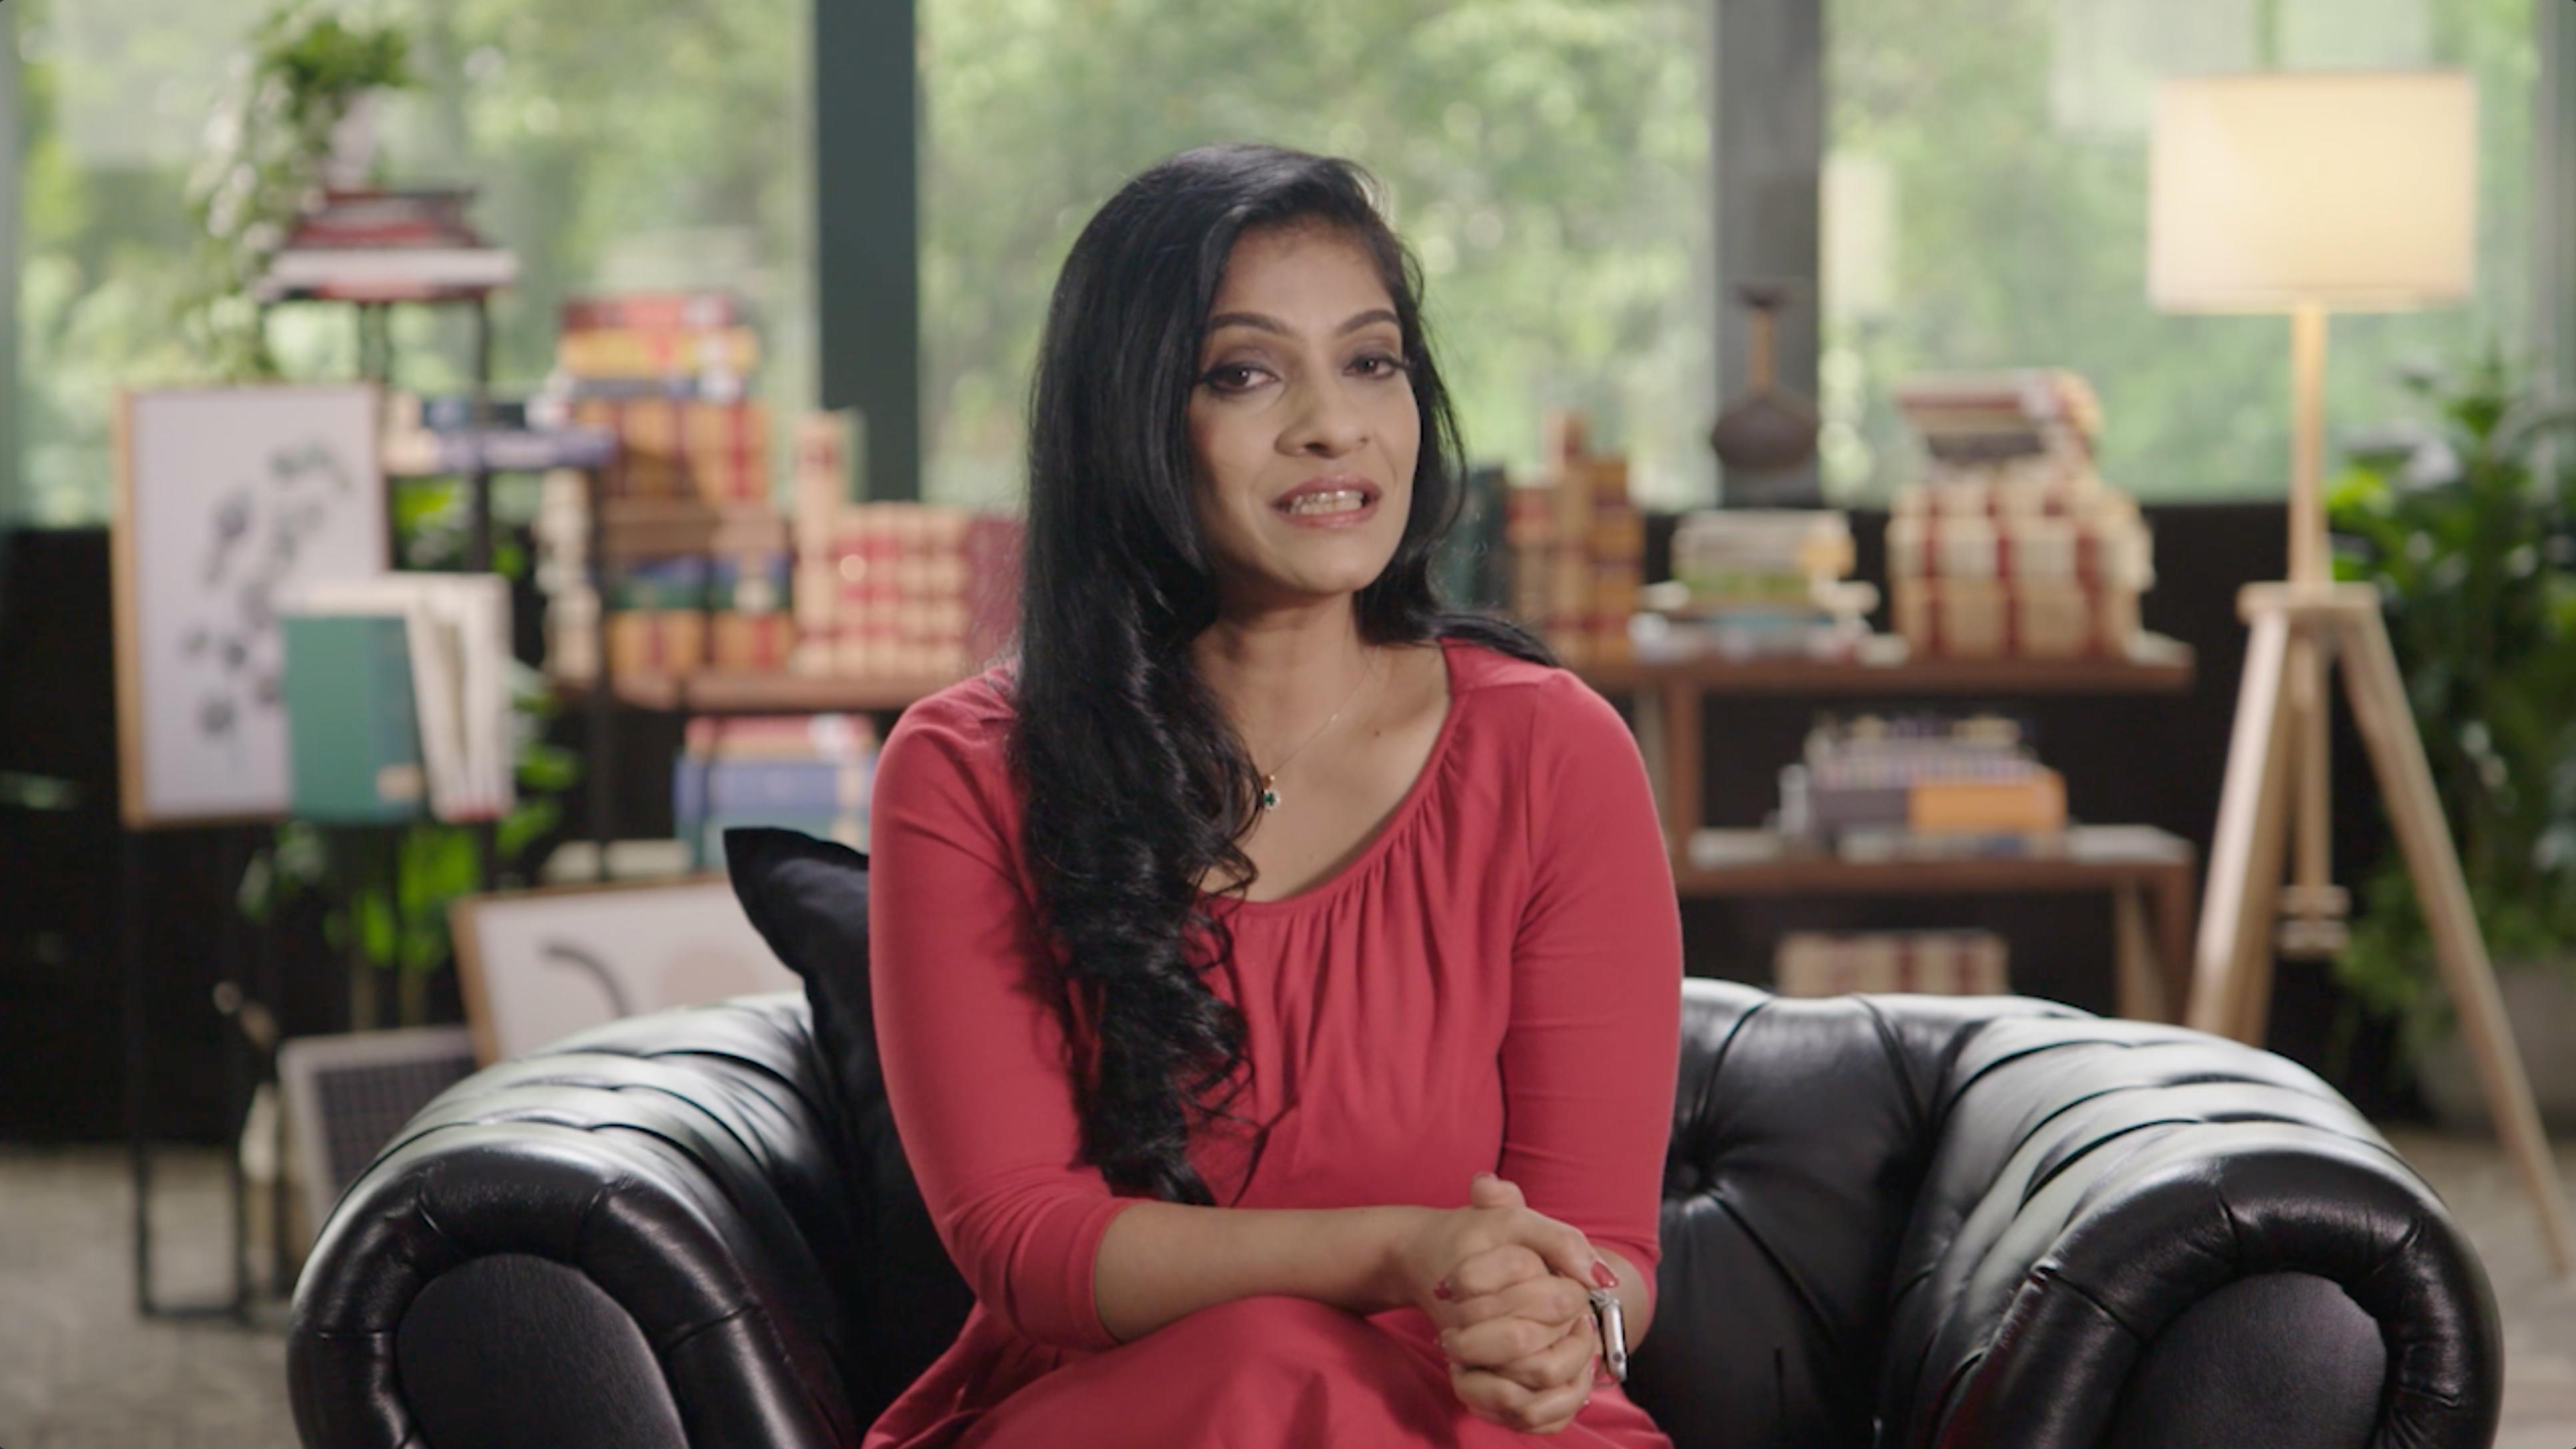 Dr Anitha Devi Pillai